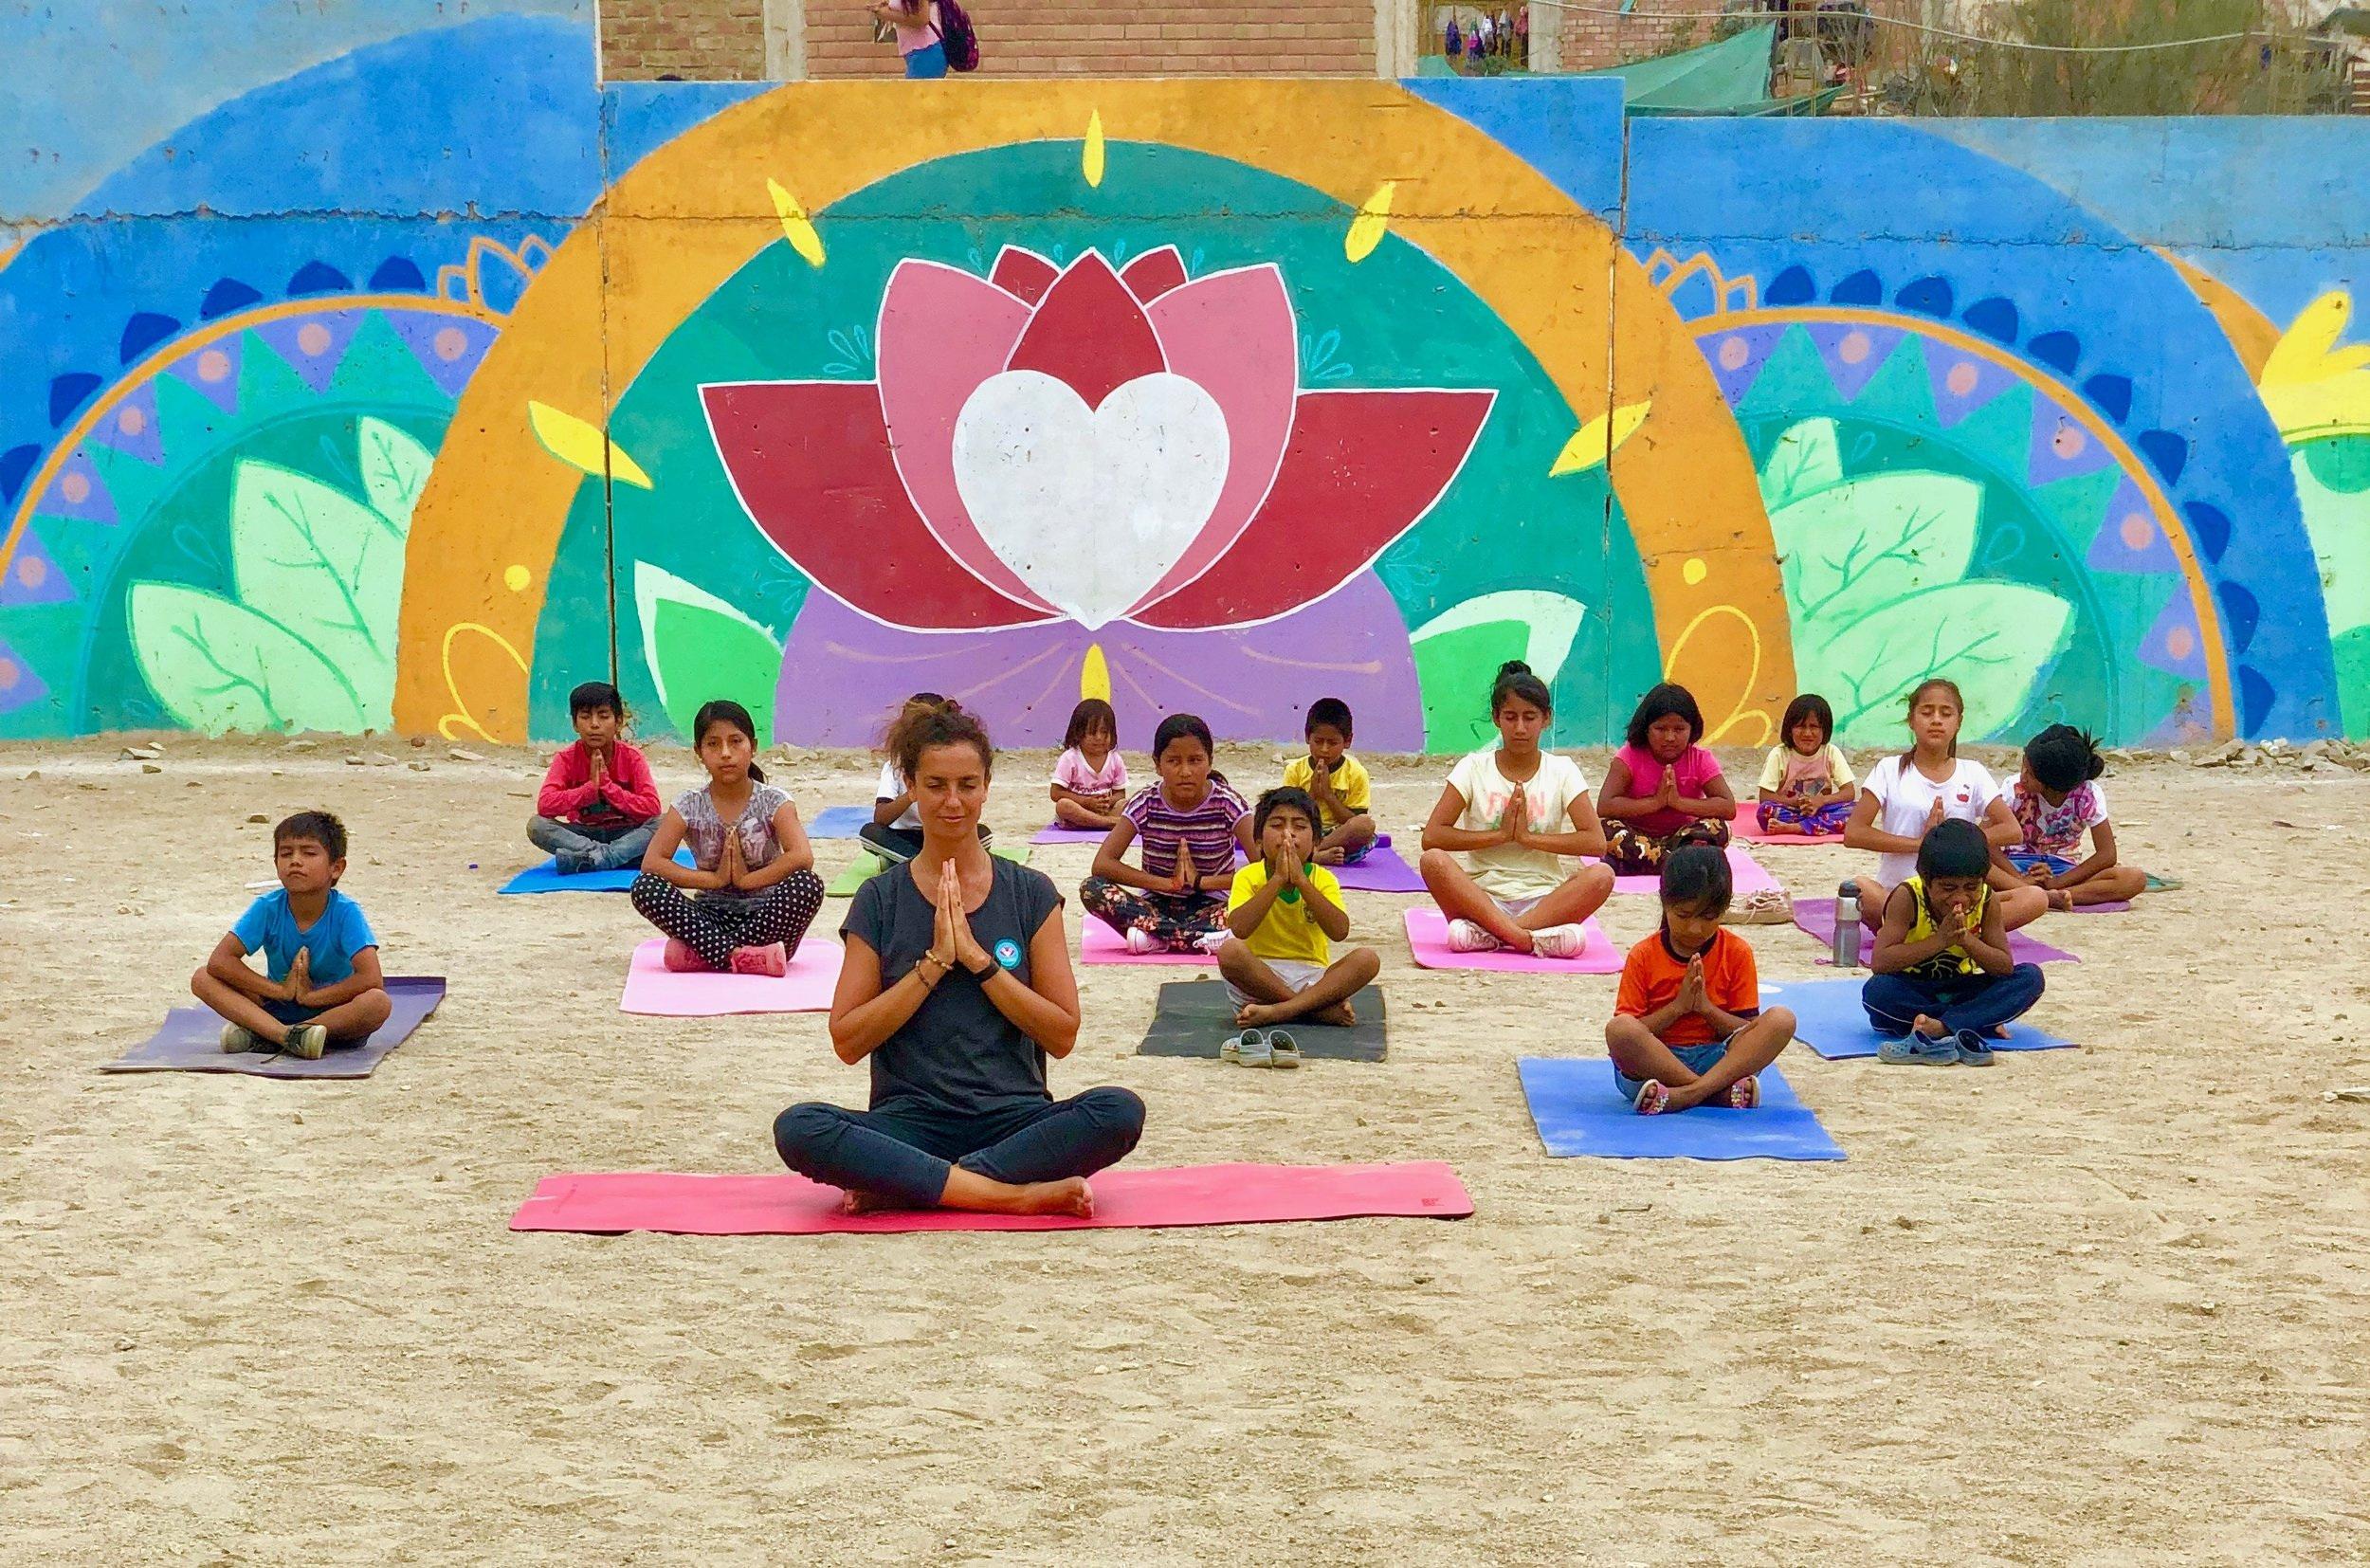 LEONIE'S DROOM . Drie jaar geleden, bedacht de van oorsprong Nederlands lerares een plan waarmee ze kan bijdragen aan de creatie van een betere wereld. Vandaag de dag brengt ze dit tot uitvoering in de sloppenwijken van Lima, Peru.